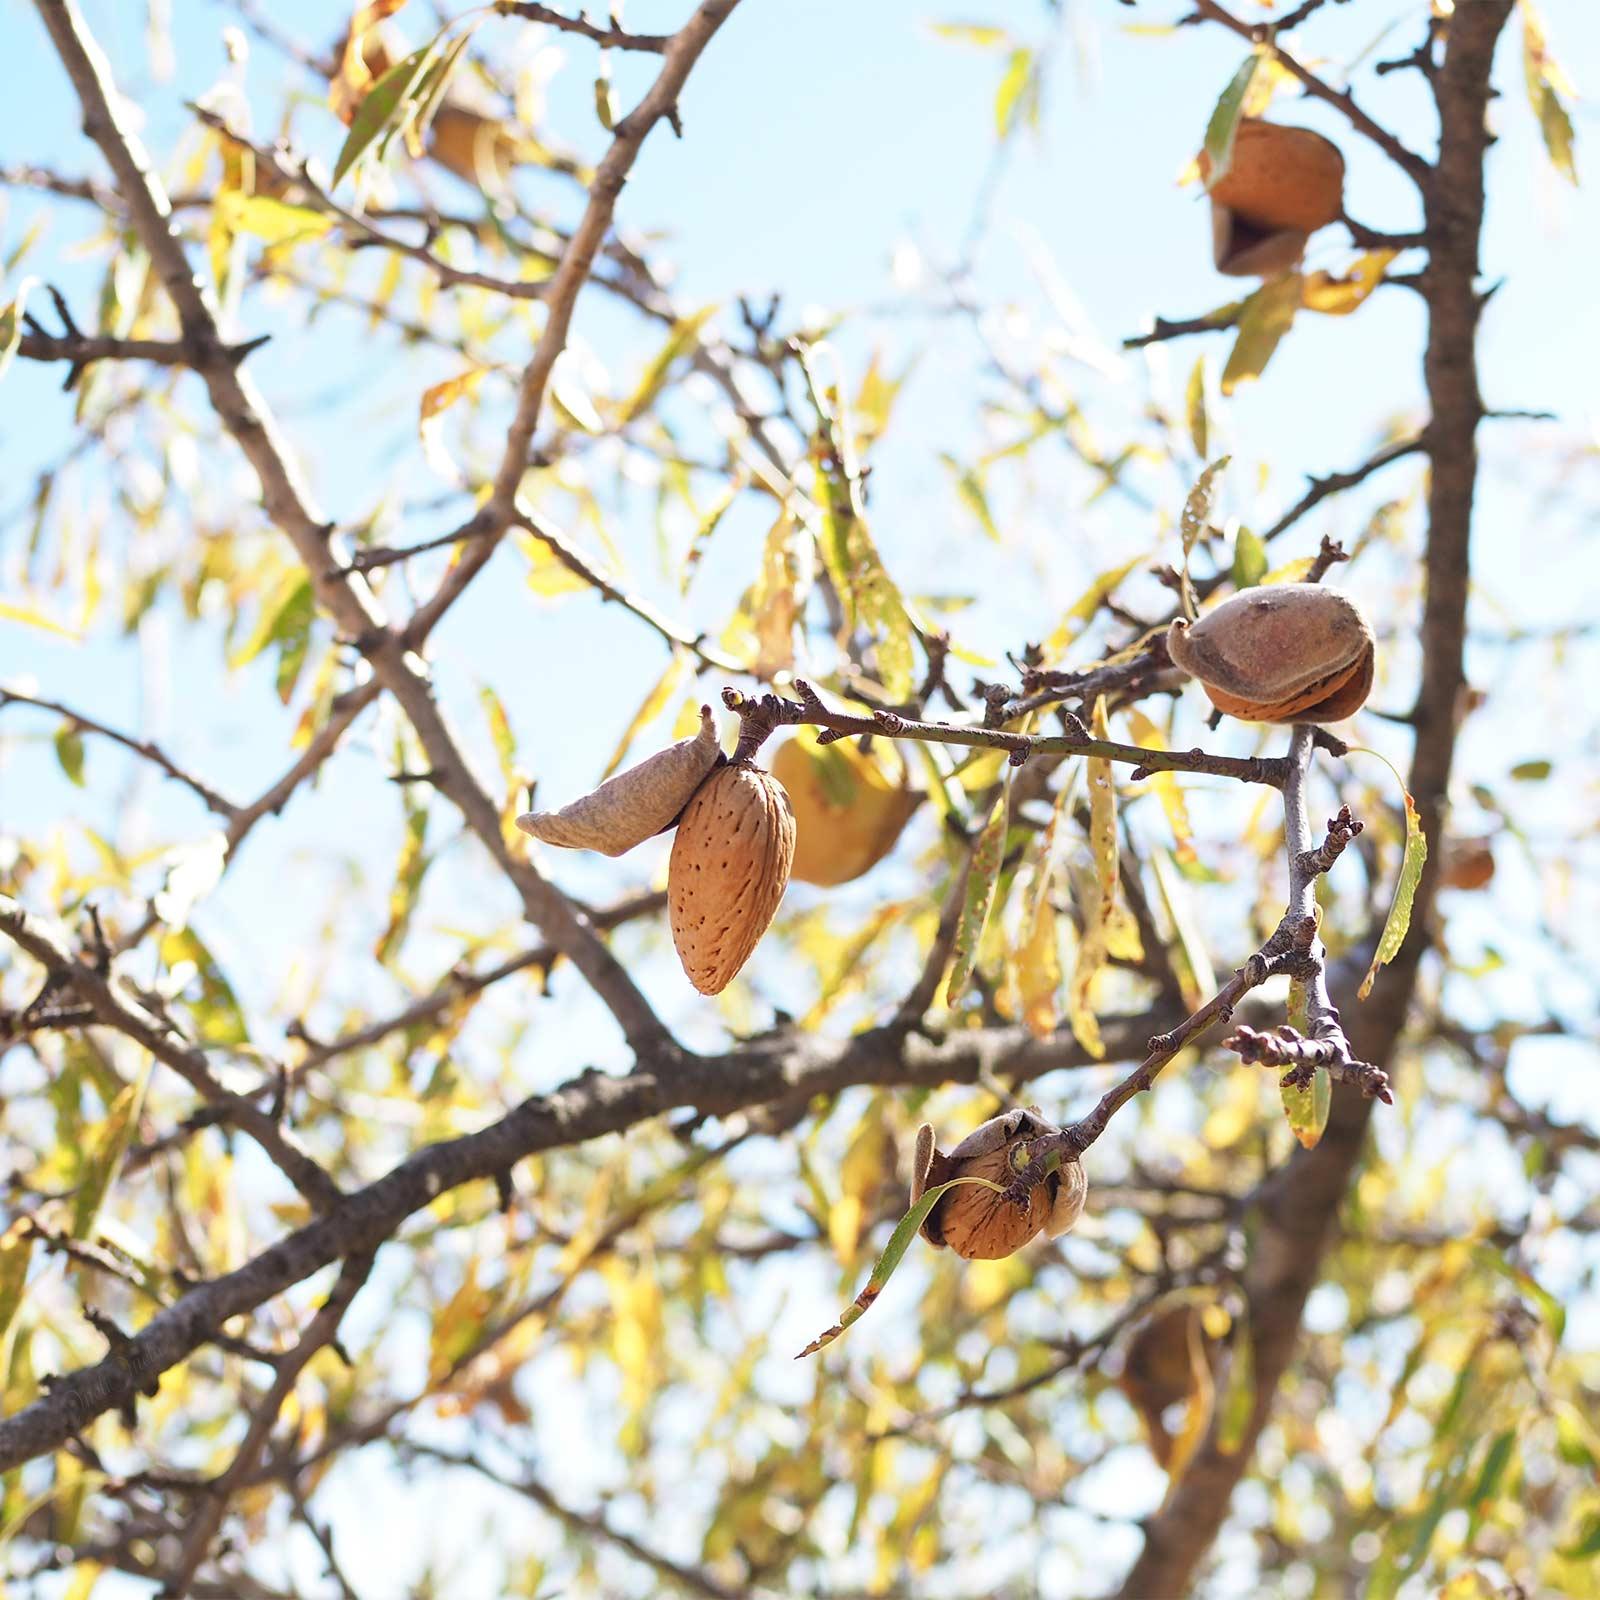 cueillette amande été indien octobre à velo en bici Valladolid yoniquenews